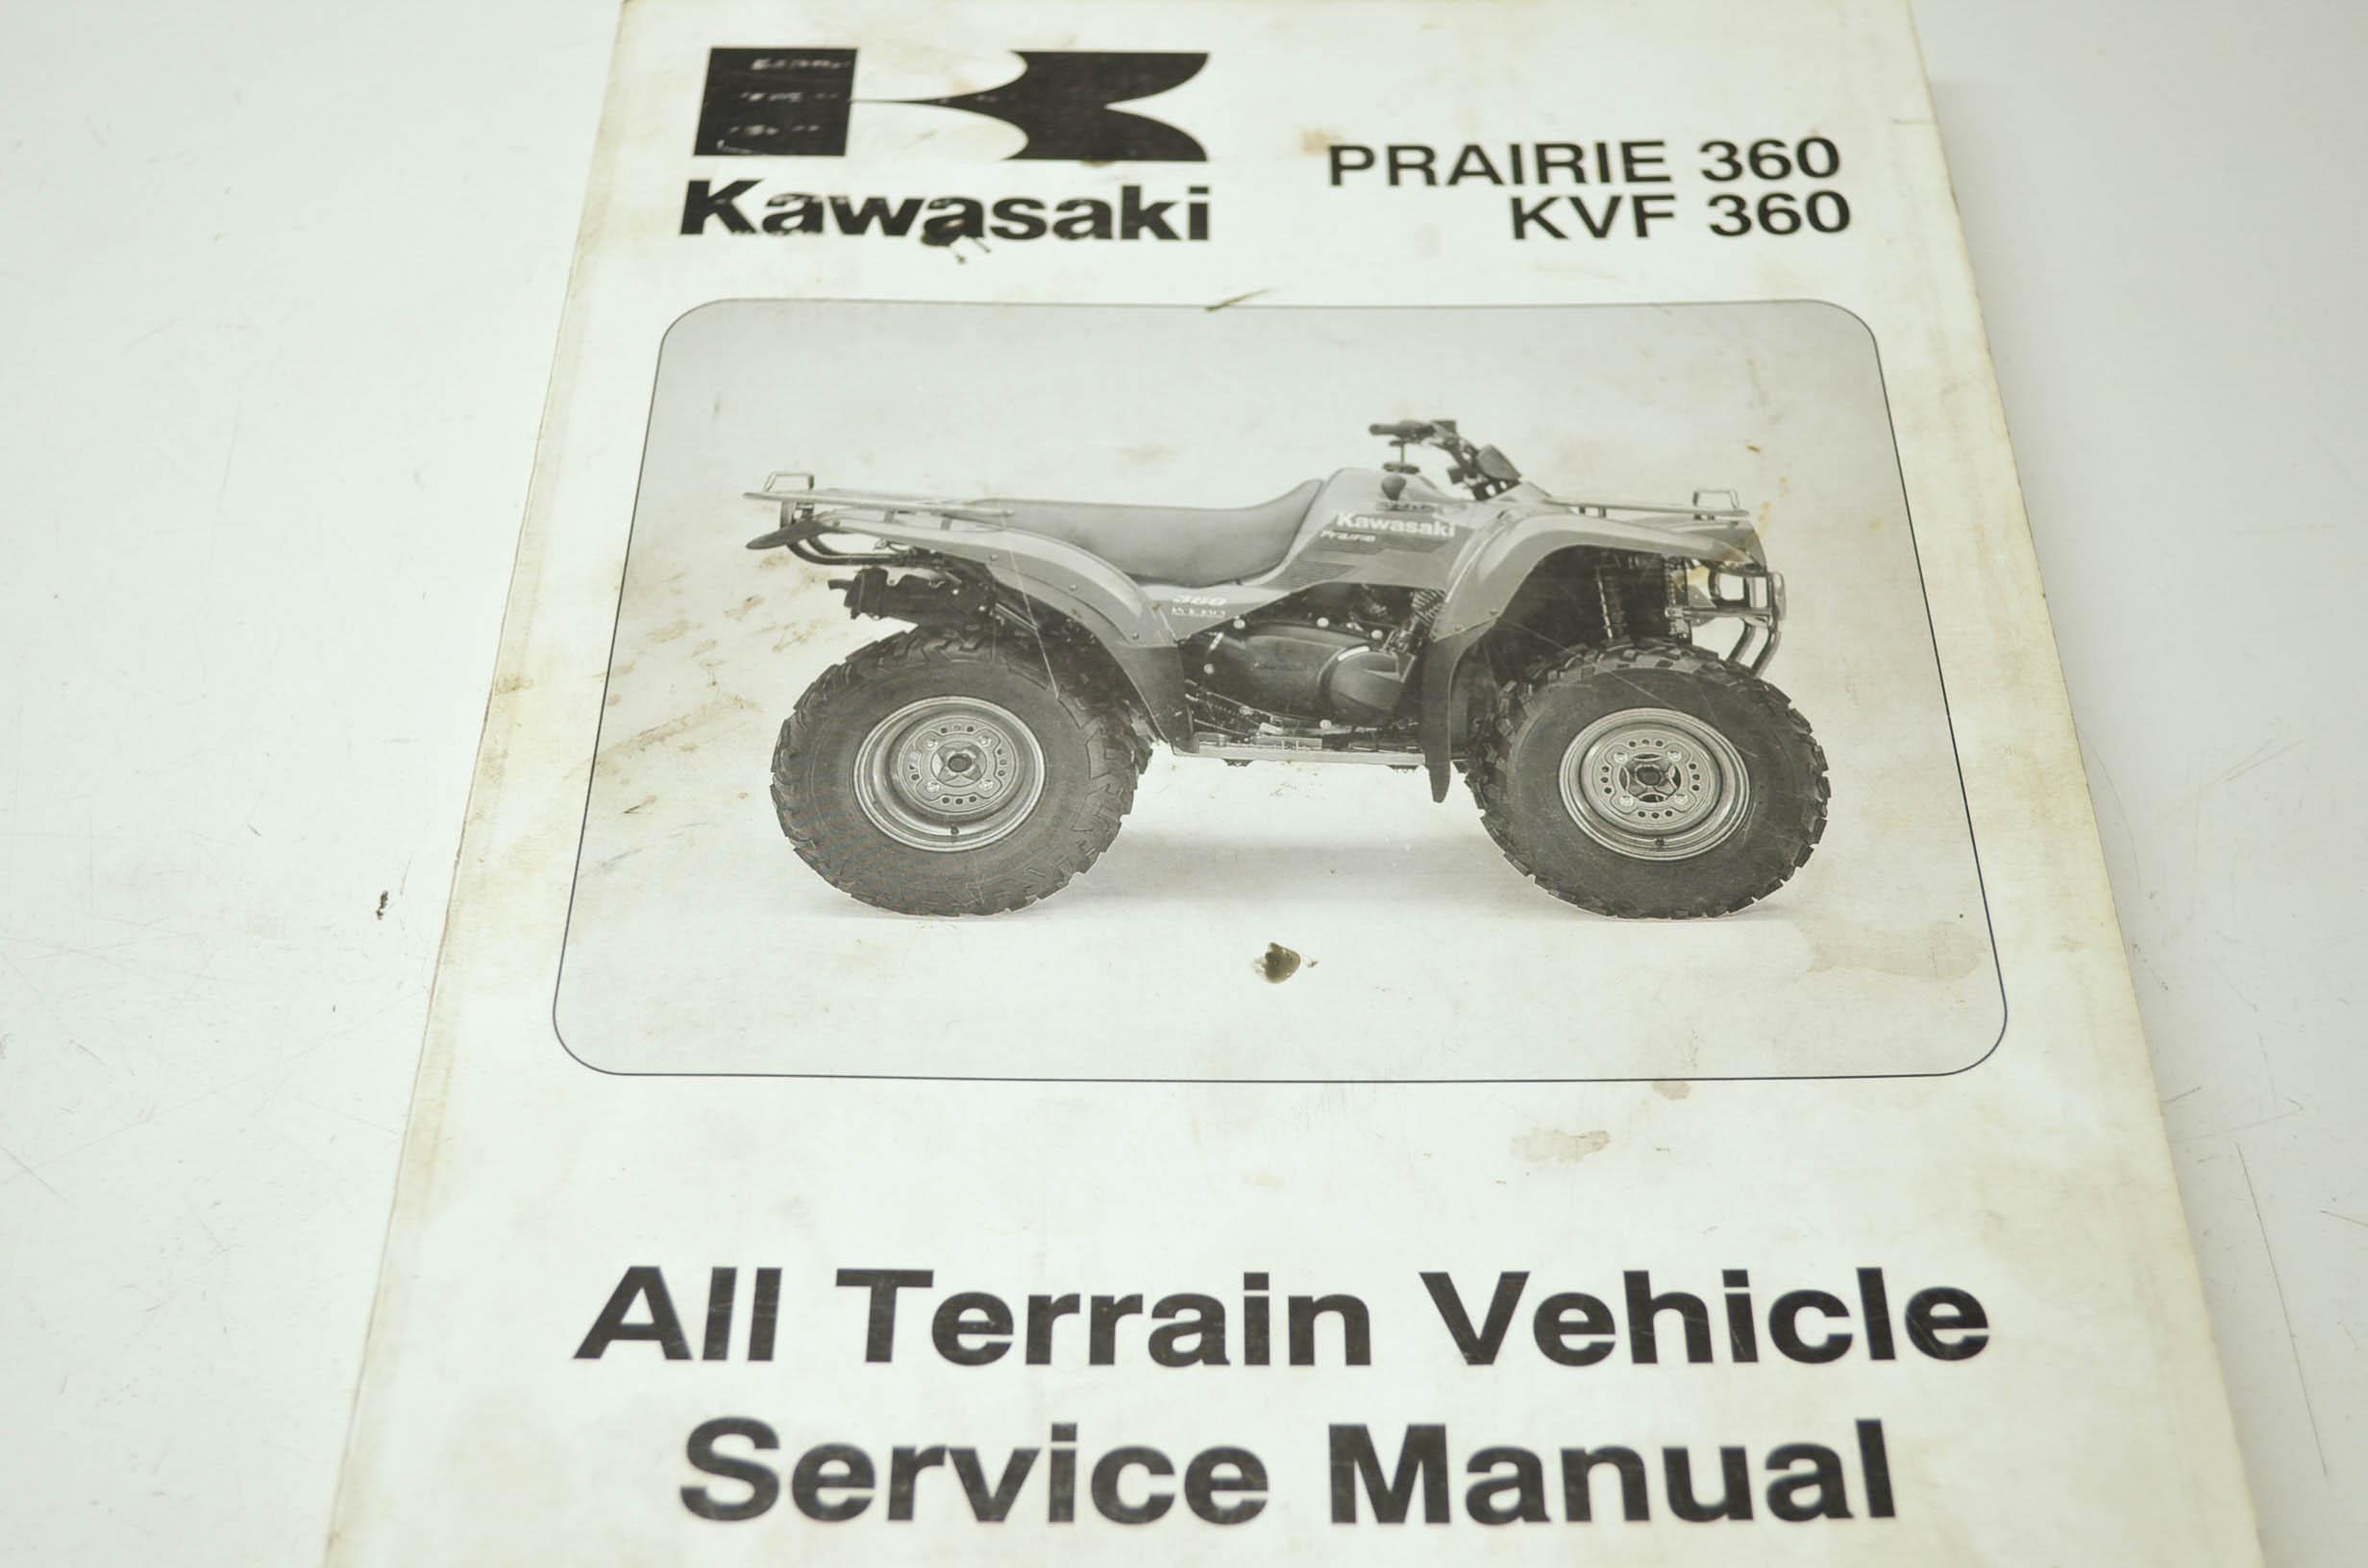 kawasaki prairie 360 kvf 360 service manual ebay rh ebay com kawasaki kvf 360 service manual download kawasaki kvf 360 service manual download